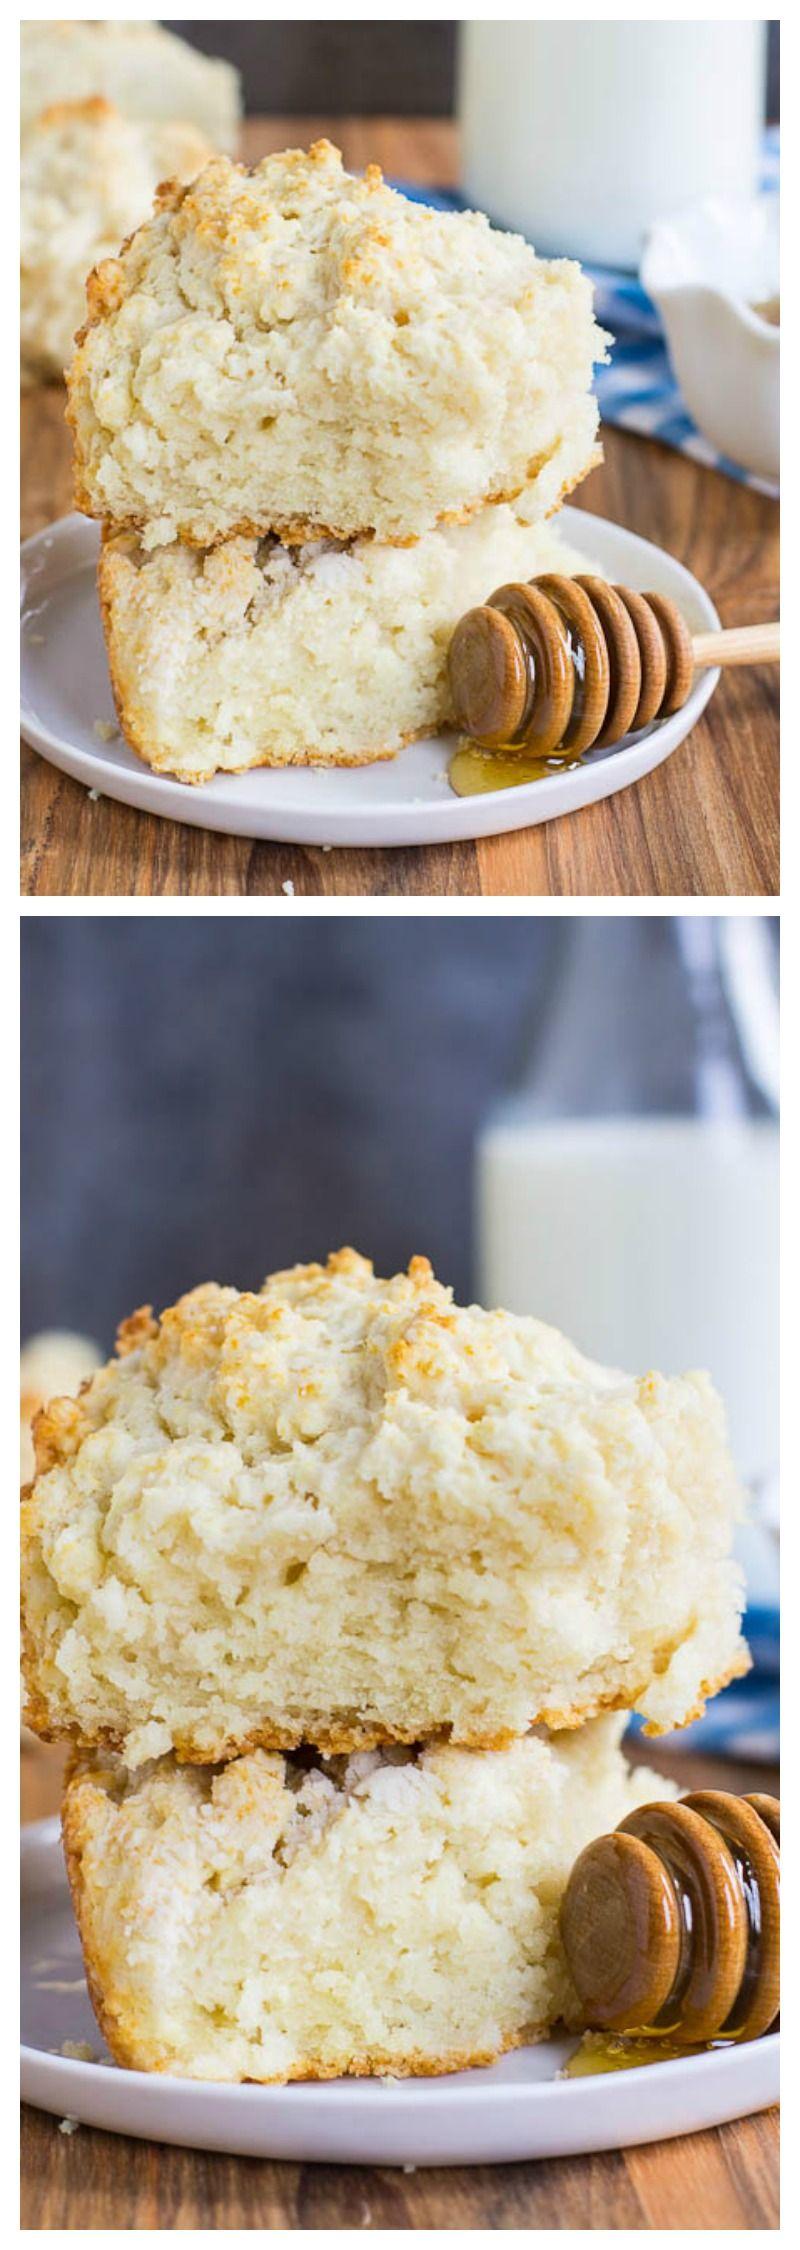 Cat Head Biscuits Recipe Biscuit recipe, Food, Cat